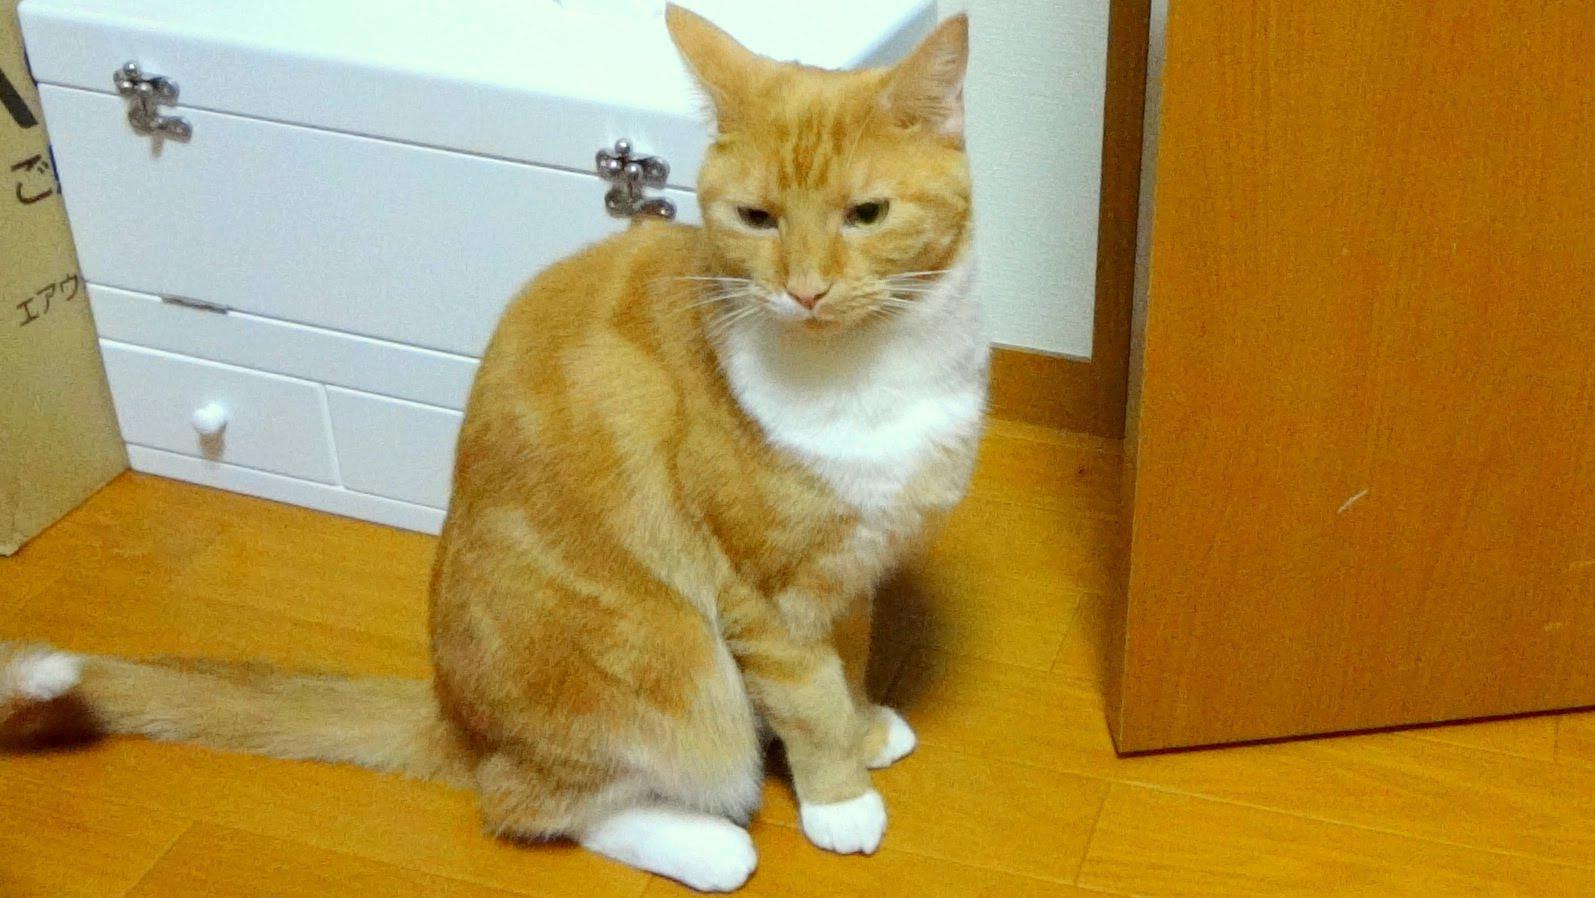 ご飯と言う言葉を理解している猫